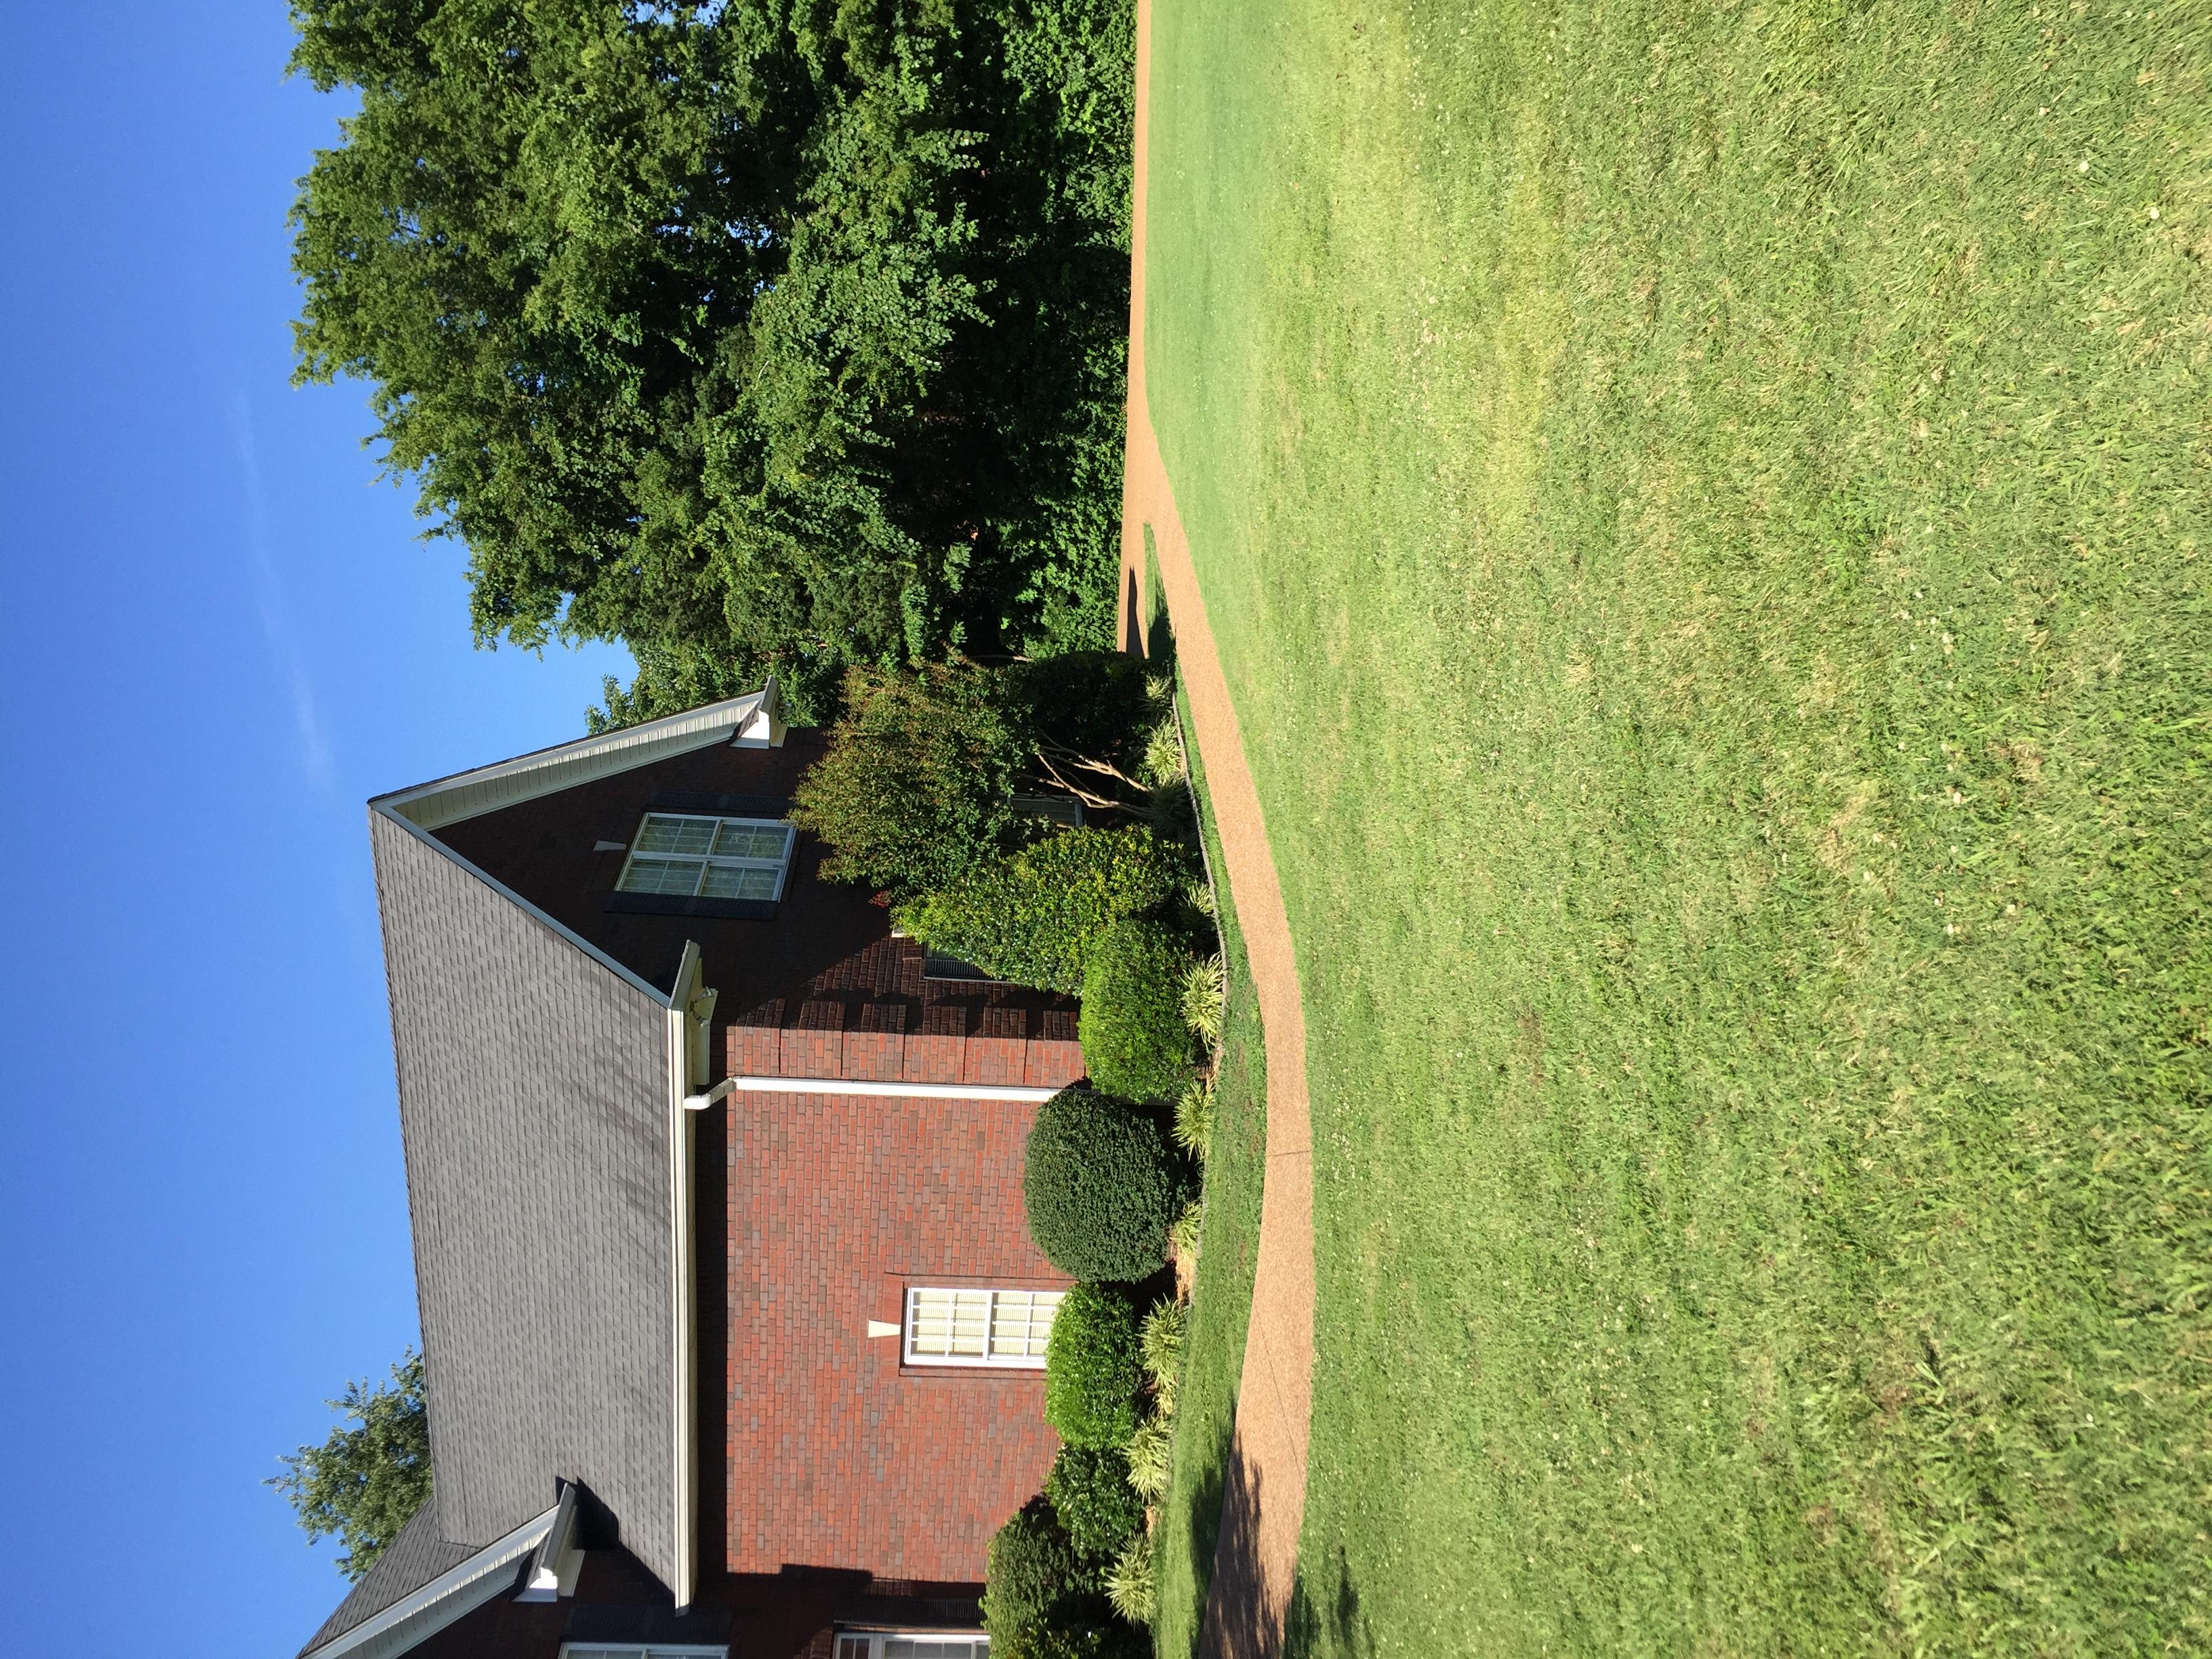 Yard mowing company in Mount Juliet, TN, 37122